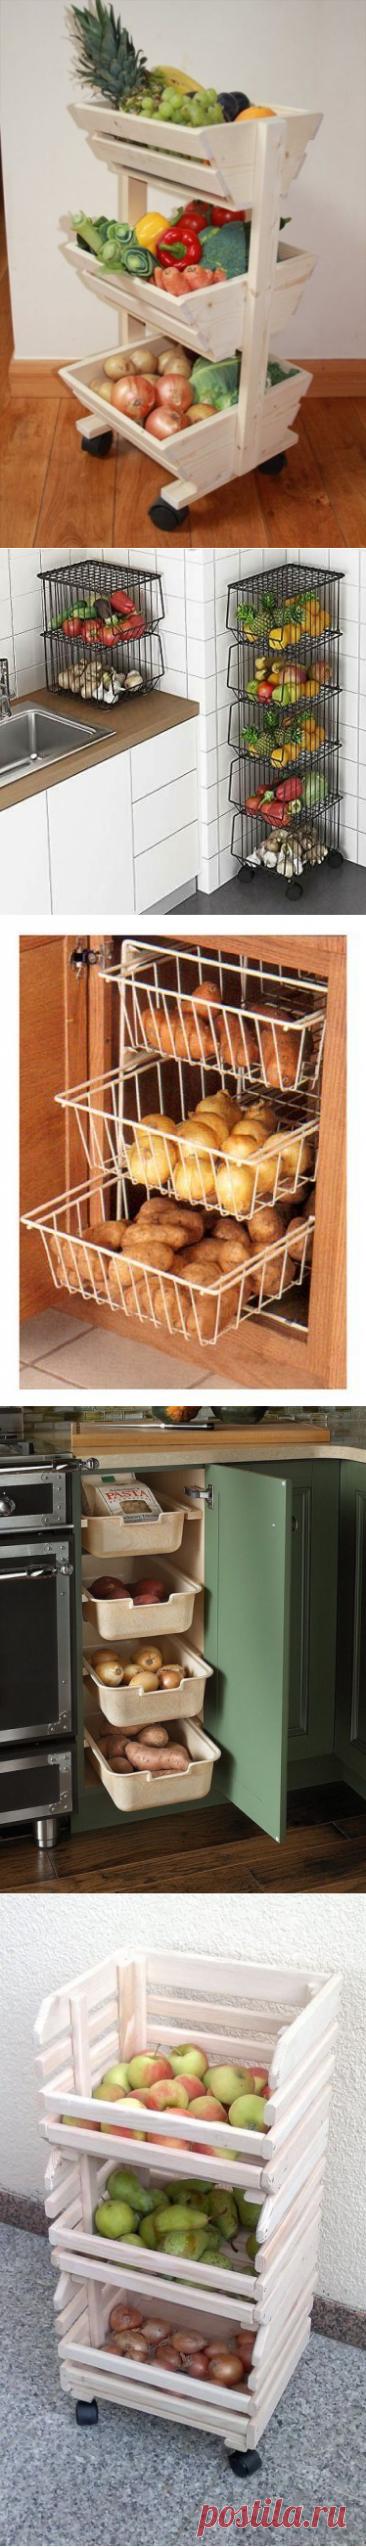 12 идей - как организовать места хранения овощей и фруктов на кухне. Идеи для воплощения. | Юлия Жданова | Яндекс Дзен